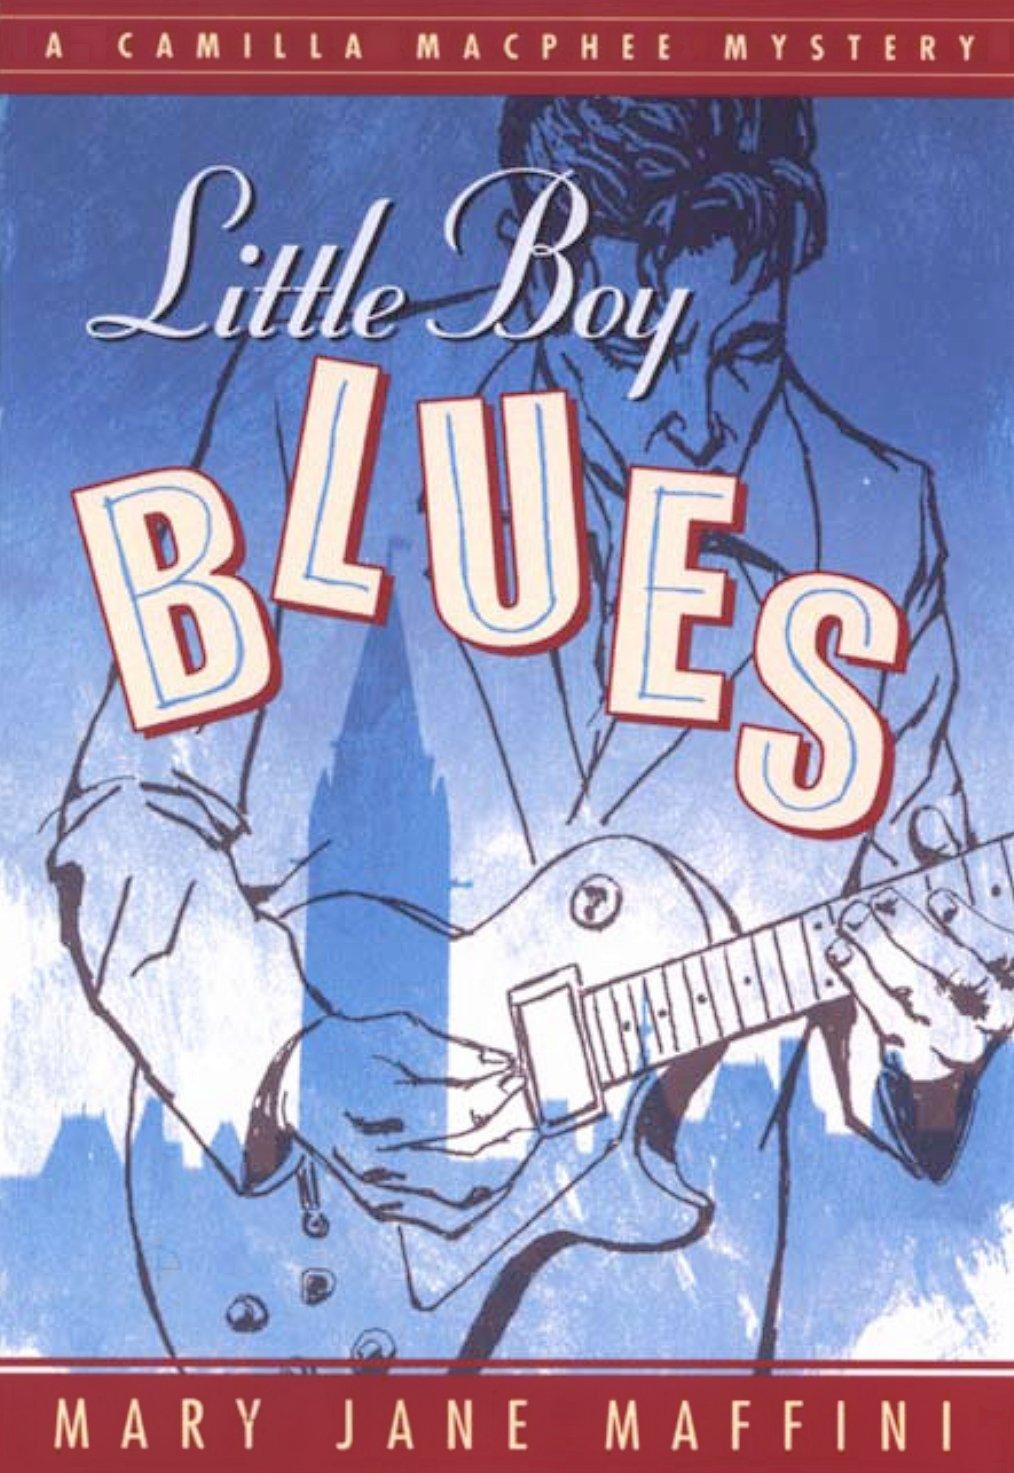 Little Boy Blues: A Camilla MacPhee Mystery pdf